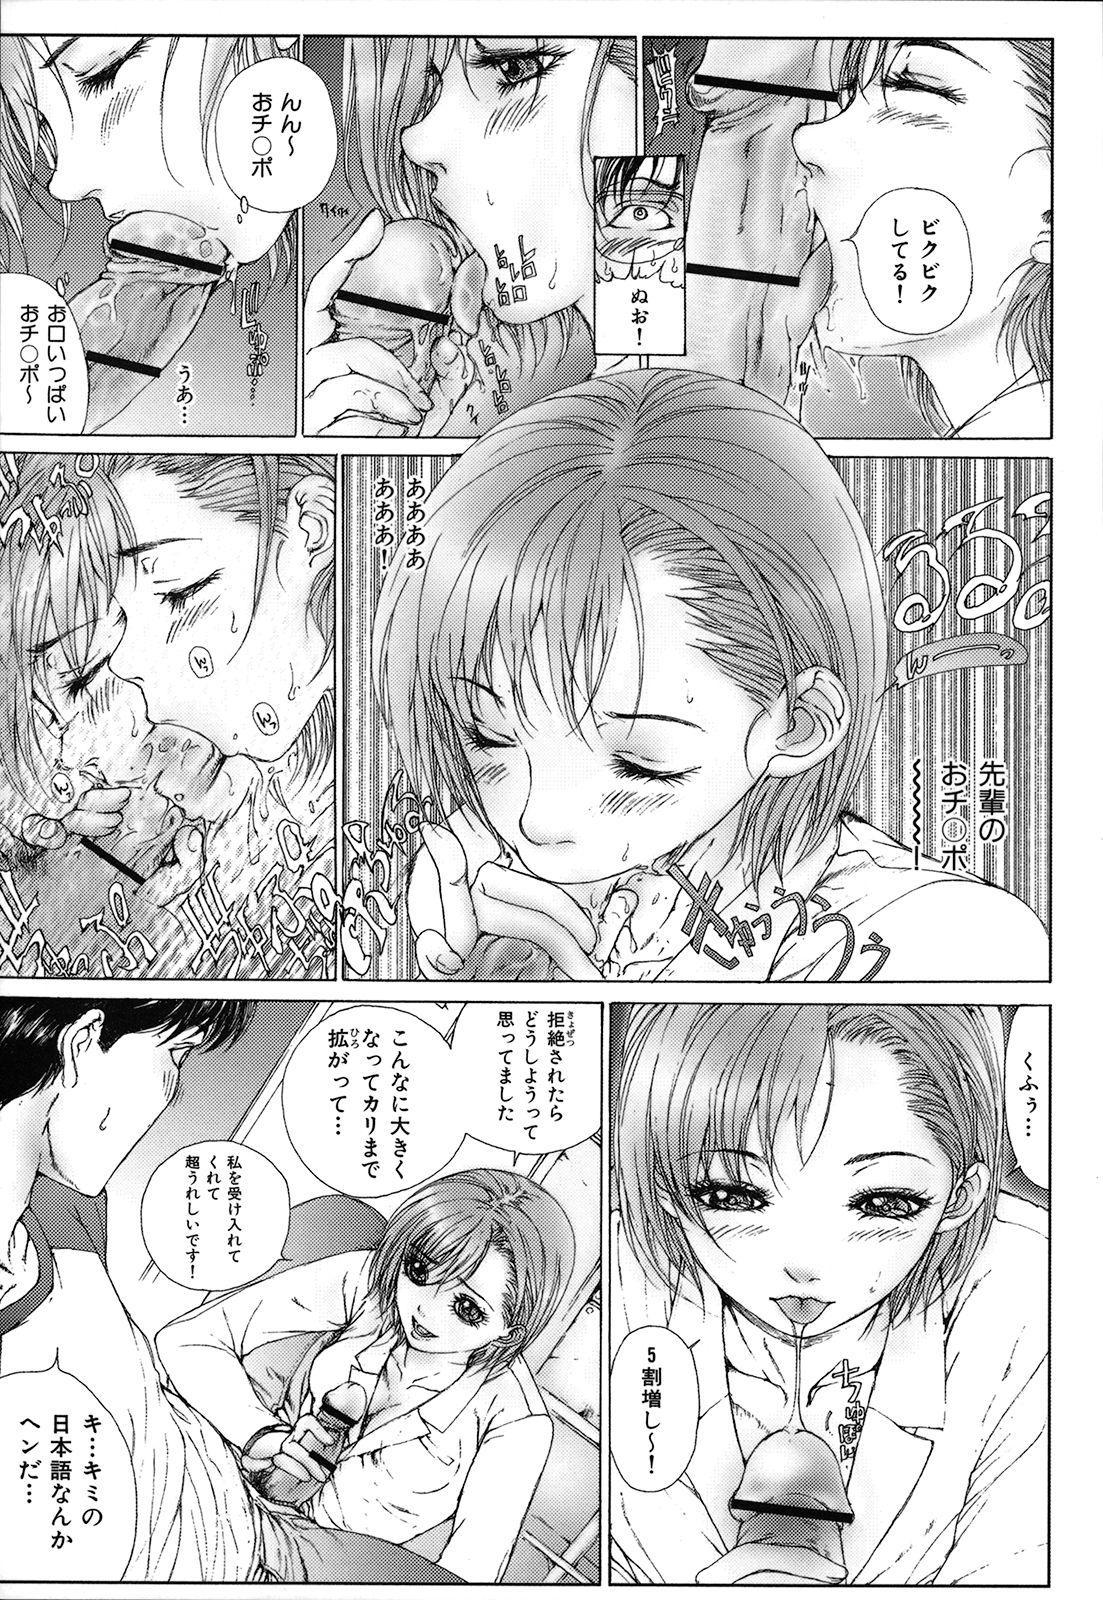 Kou Musume 102